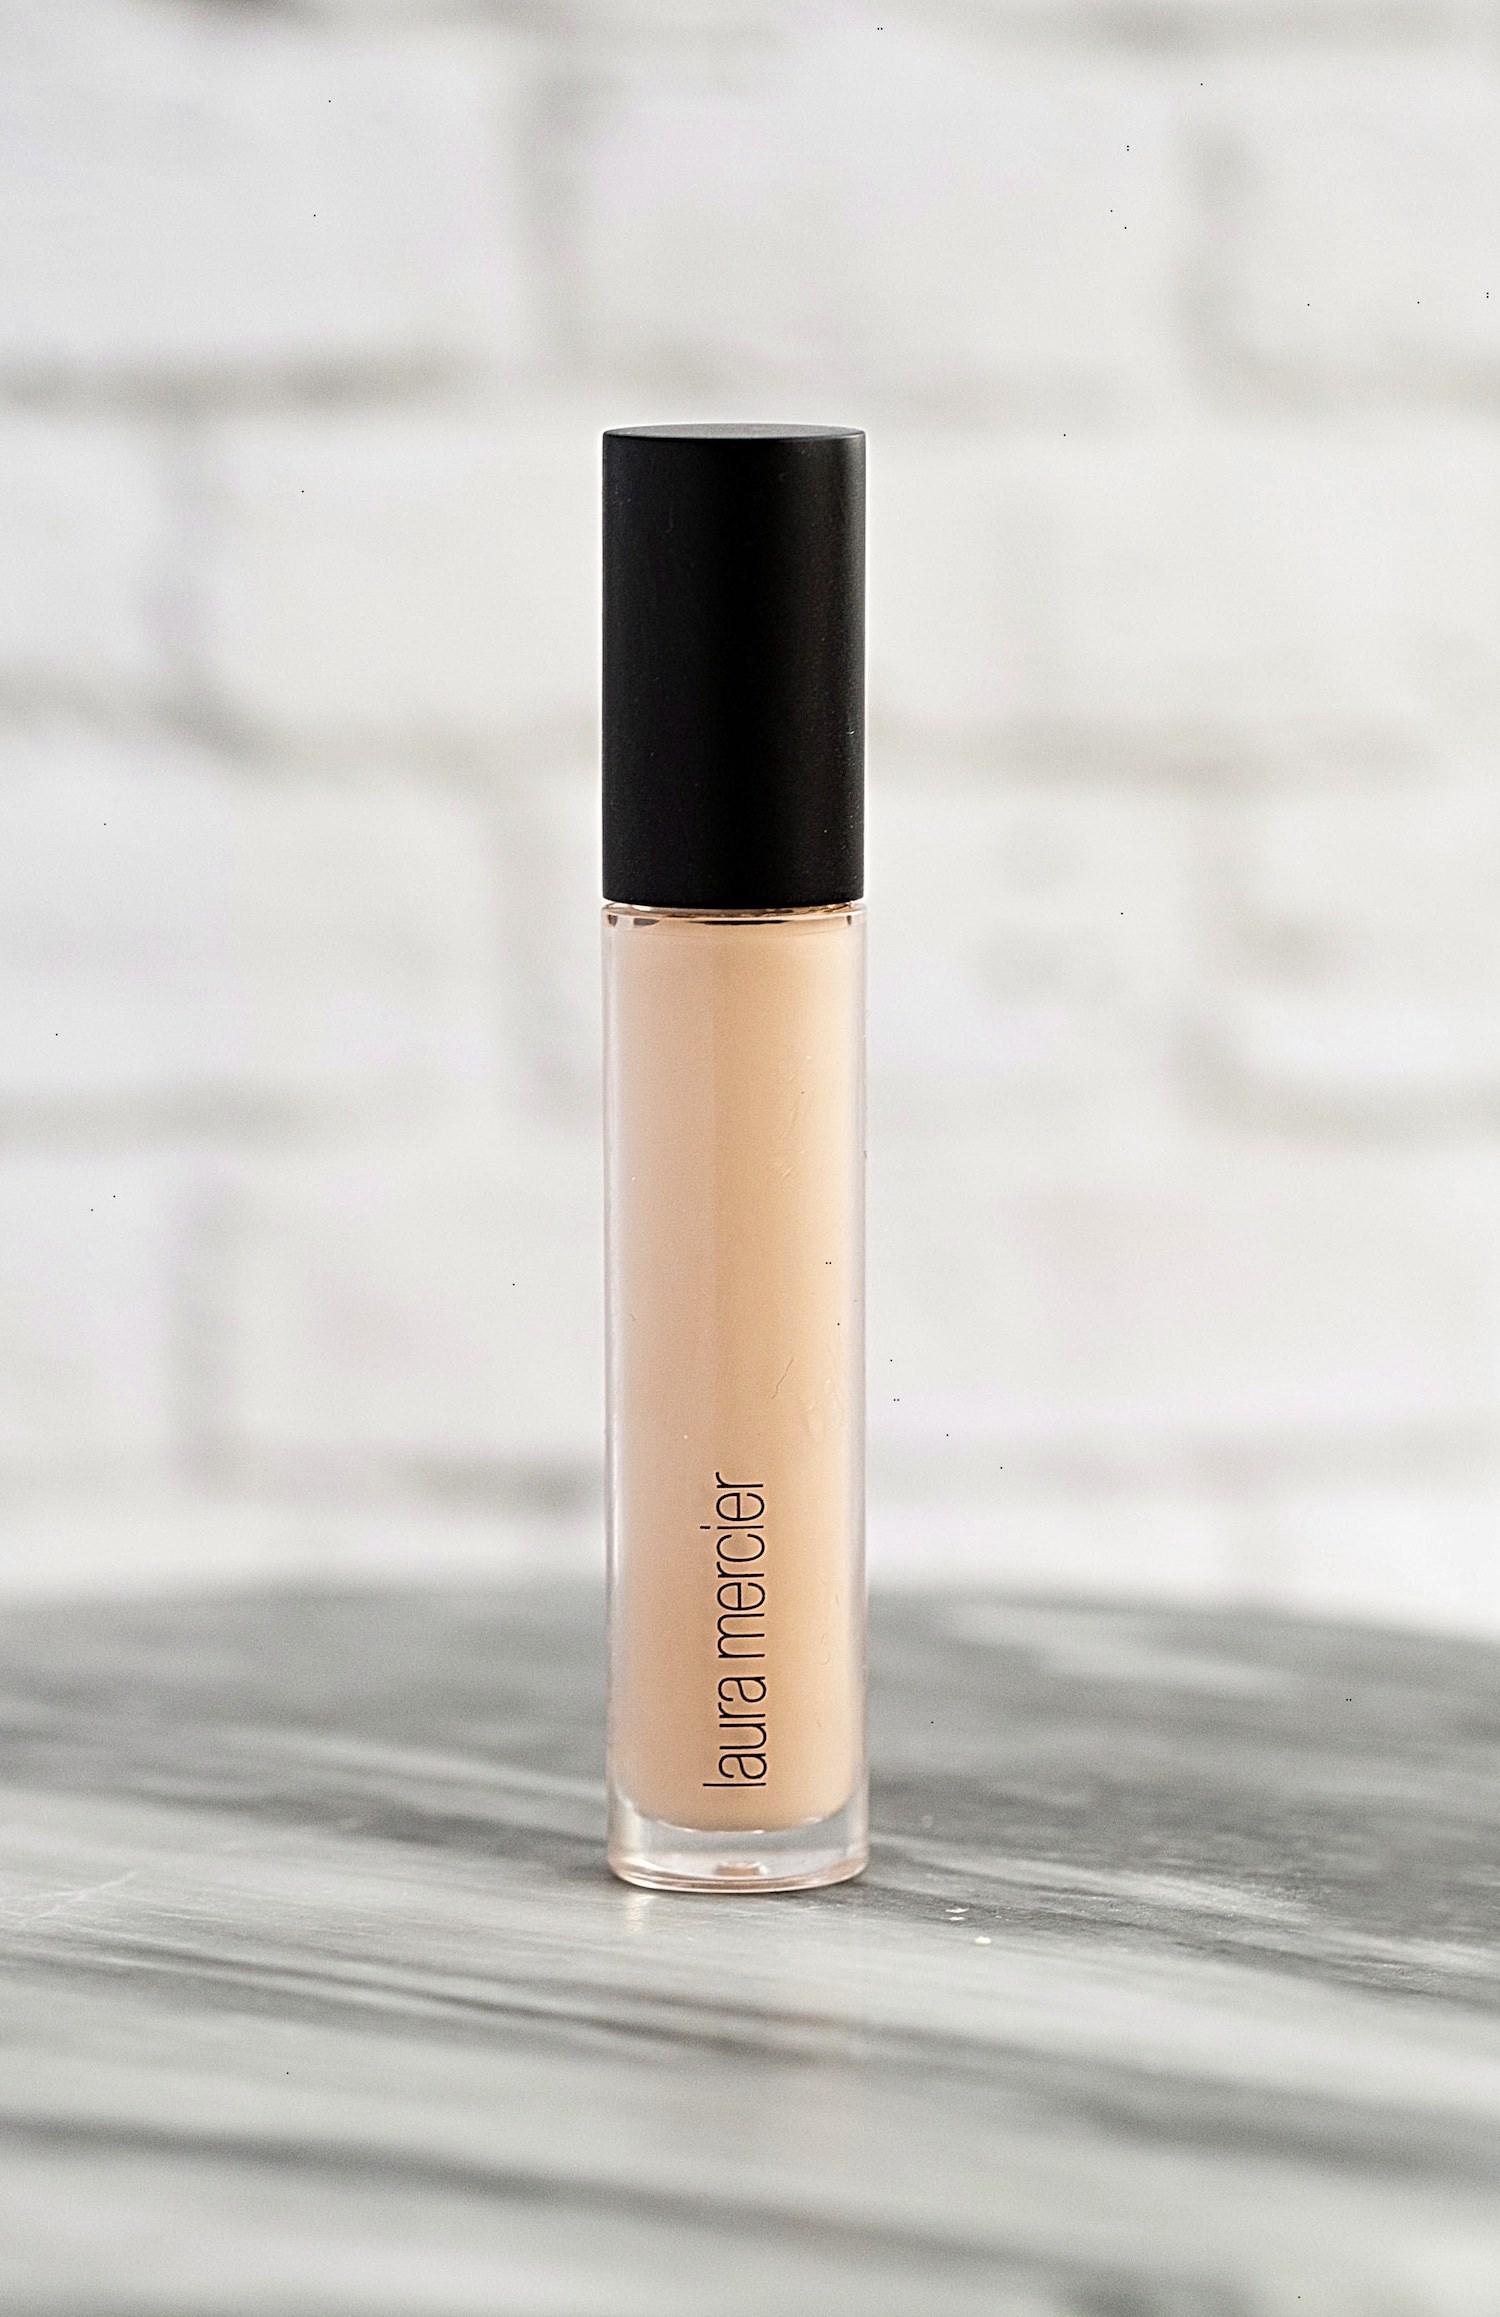 New Favorite Beauty Buys- Laura Mercier Concealer | TrufflesandTrends.com